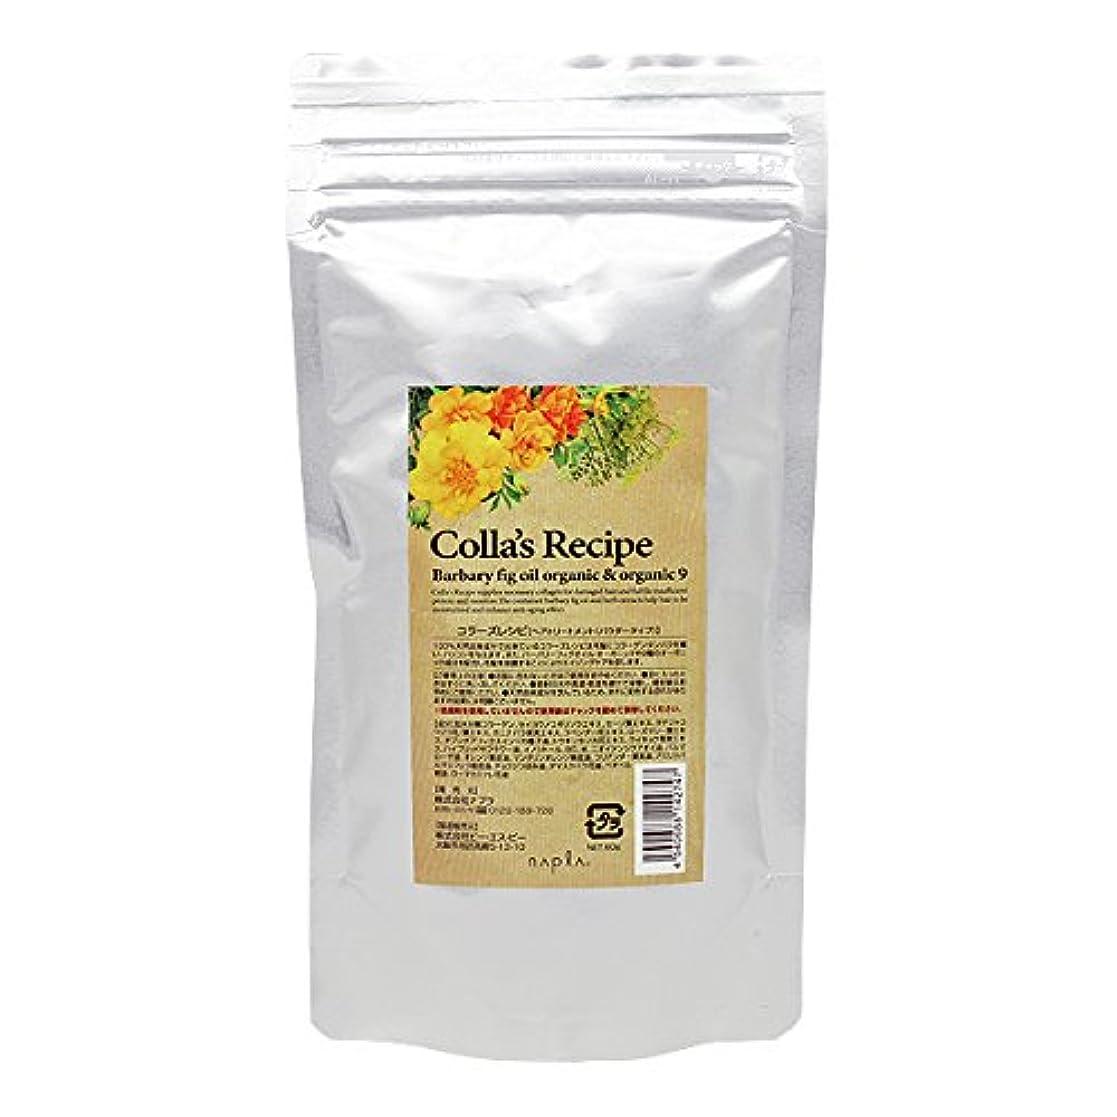 枝近々重荷ナプラ コラーズ レシピ 60g